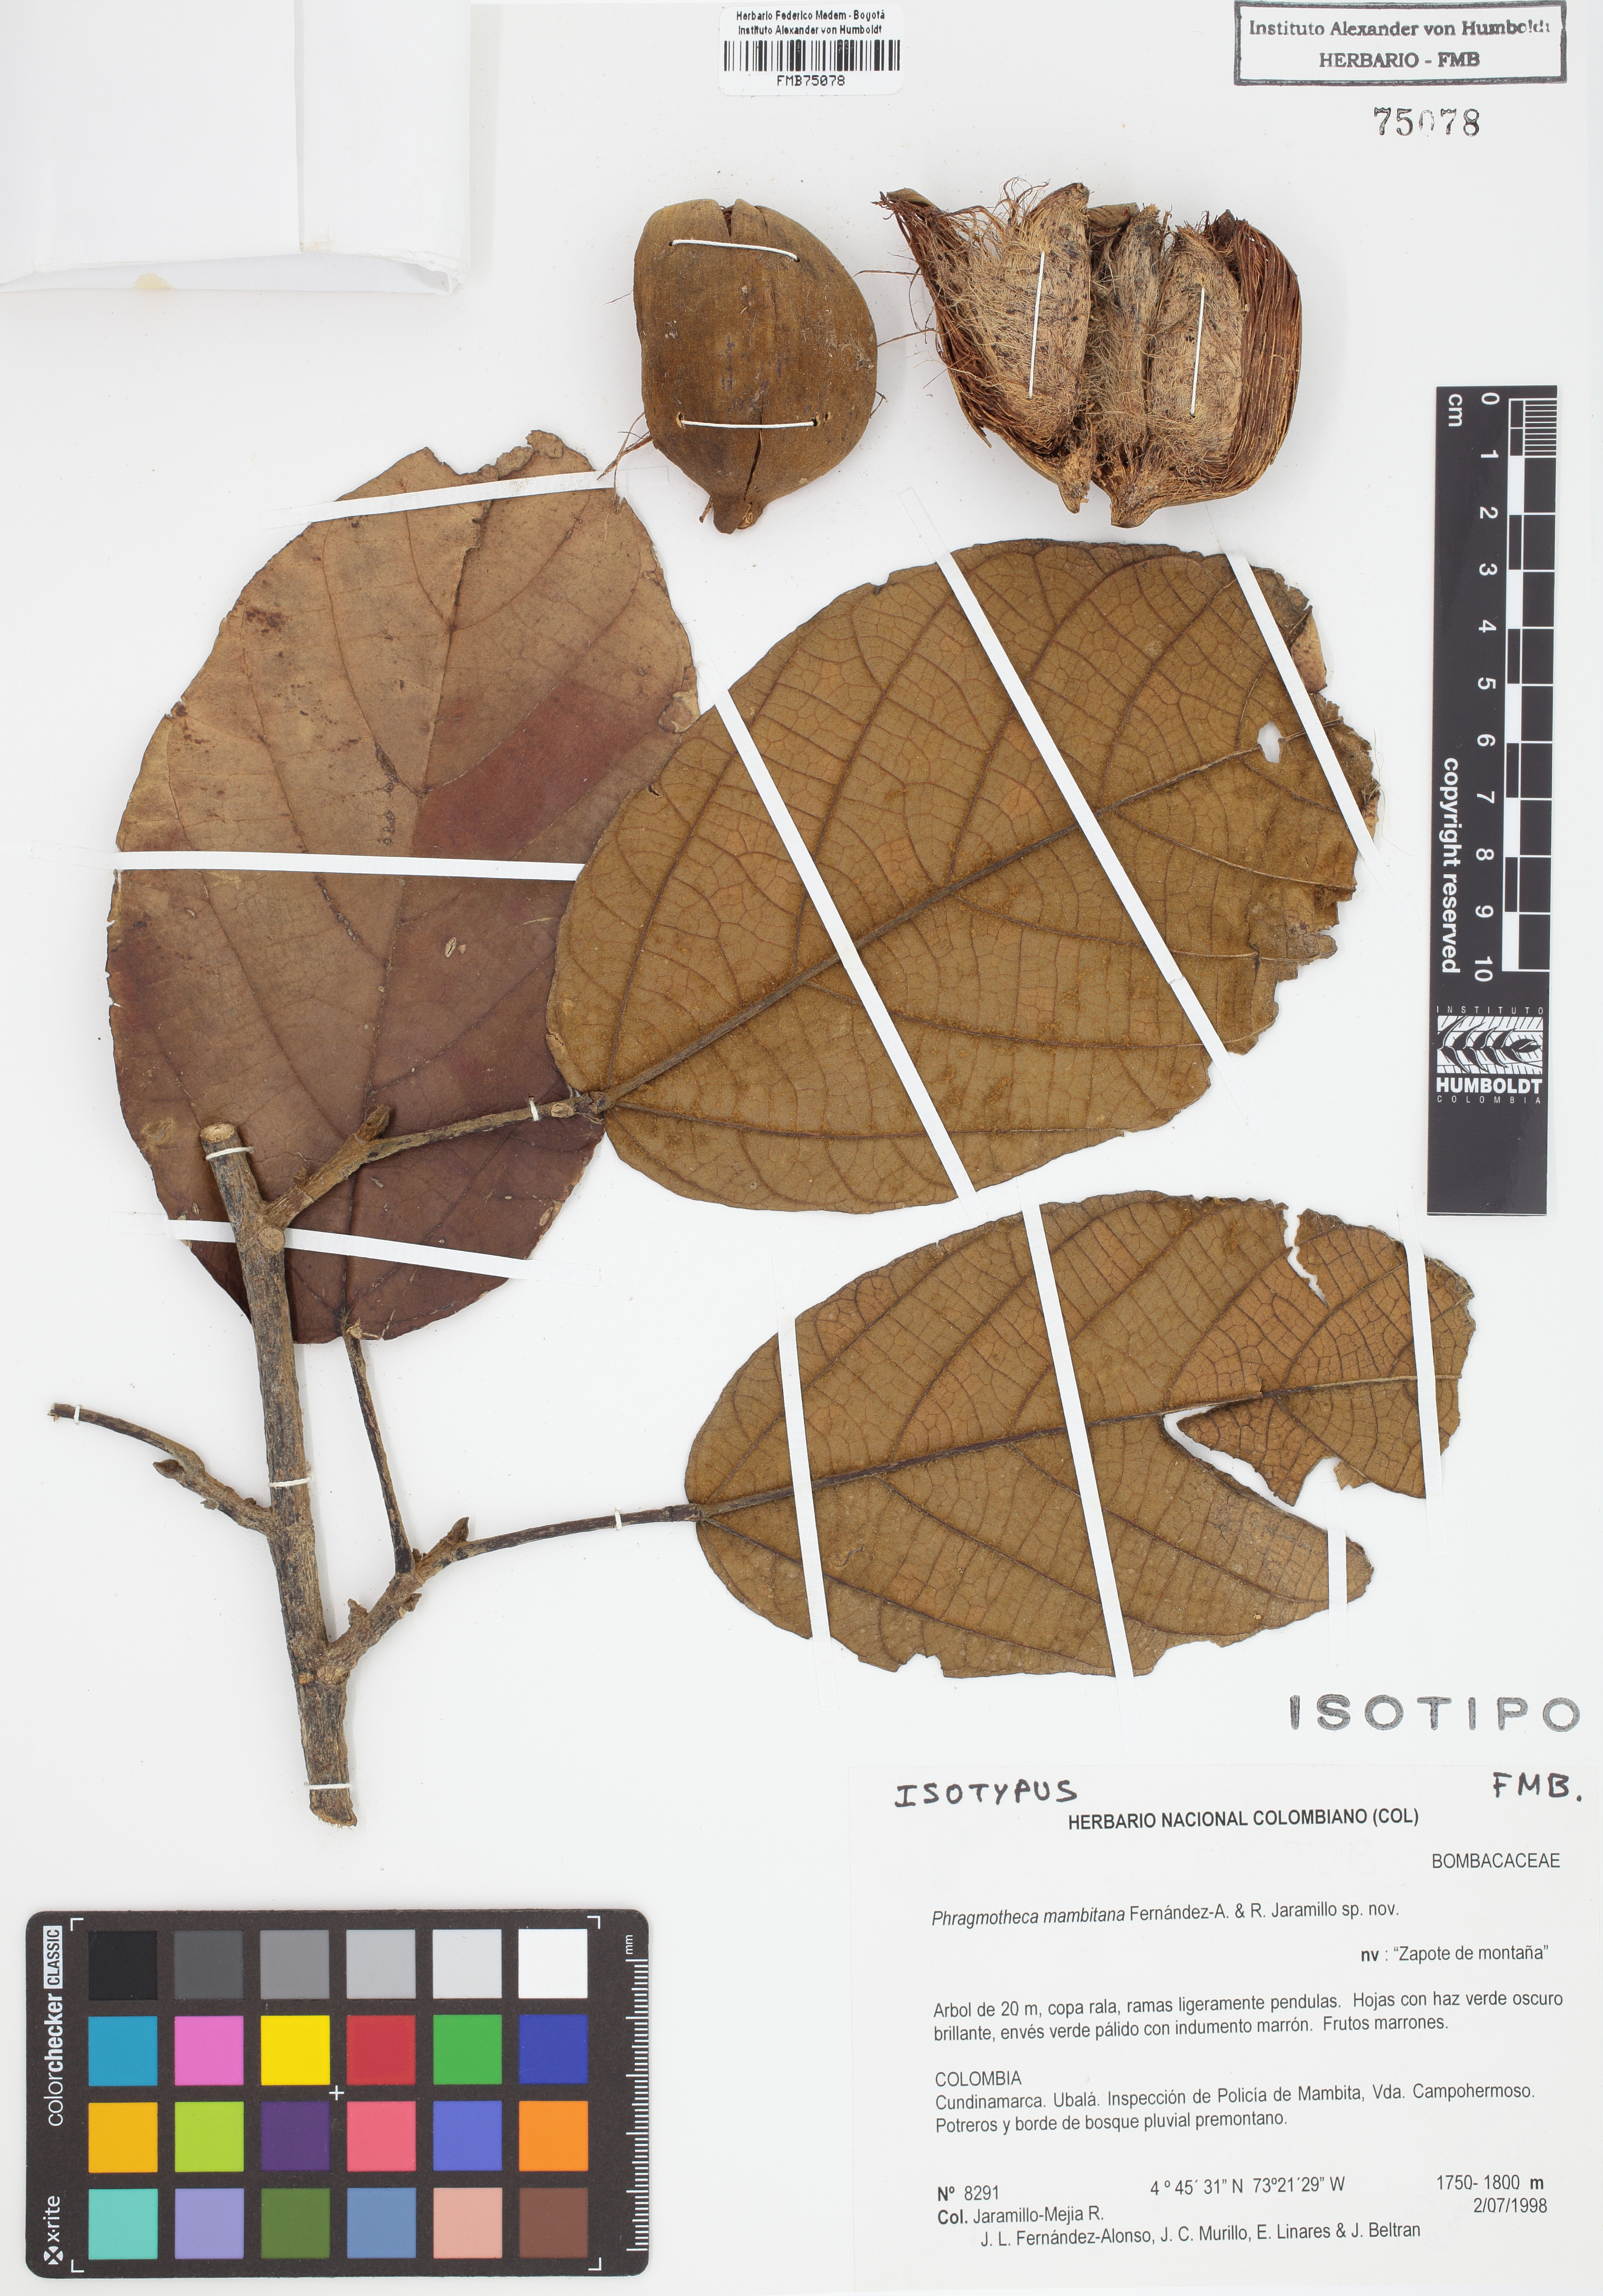 Isotipo de <em>Phragmotheca mambitana</em>, FMB-75078, Fotografía por Robles A.